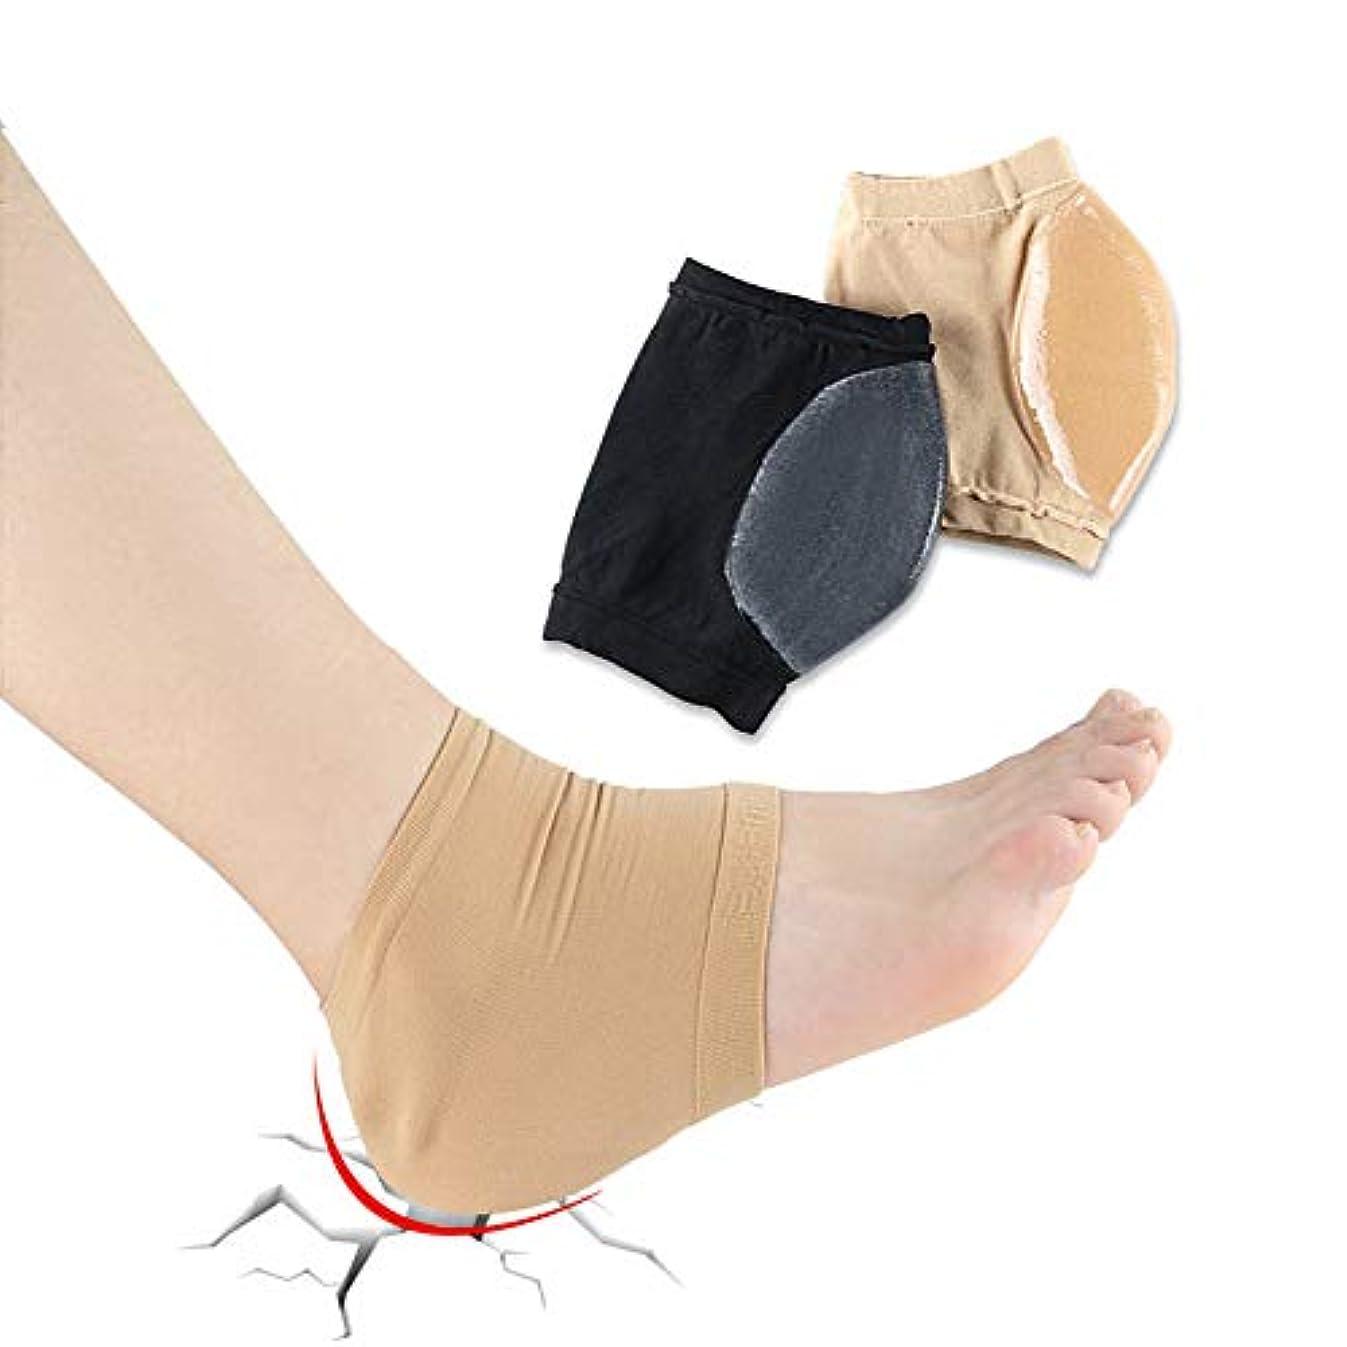 伸縮性のある足スリーブ、ジェルパッド衝撃吸収性ヒール付きソックス、かかとを保護するためのかかとを保護するかかとユニセックス(2ペア),Flesh,M